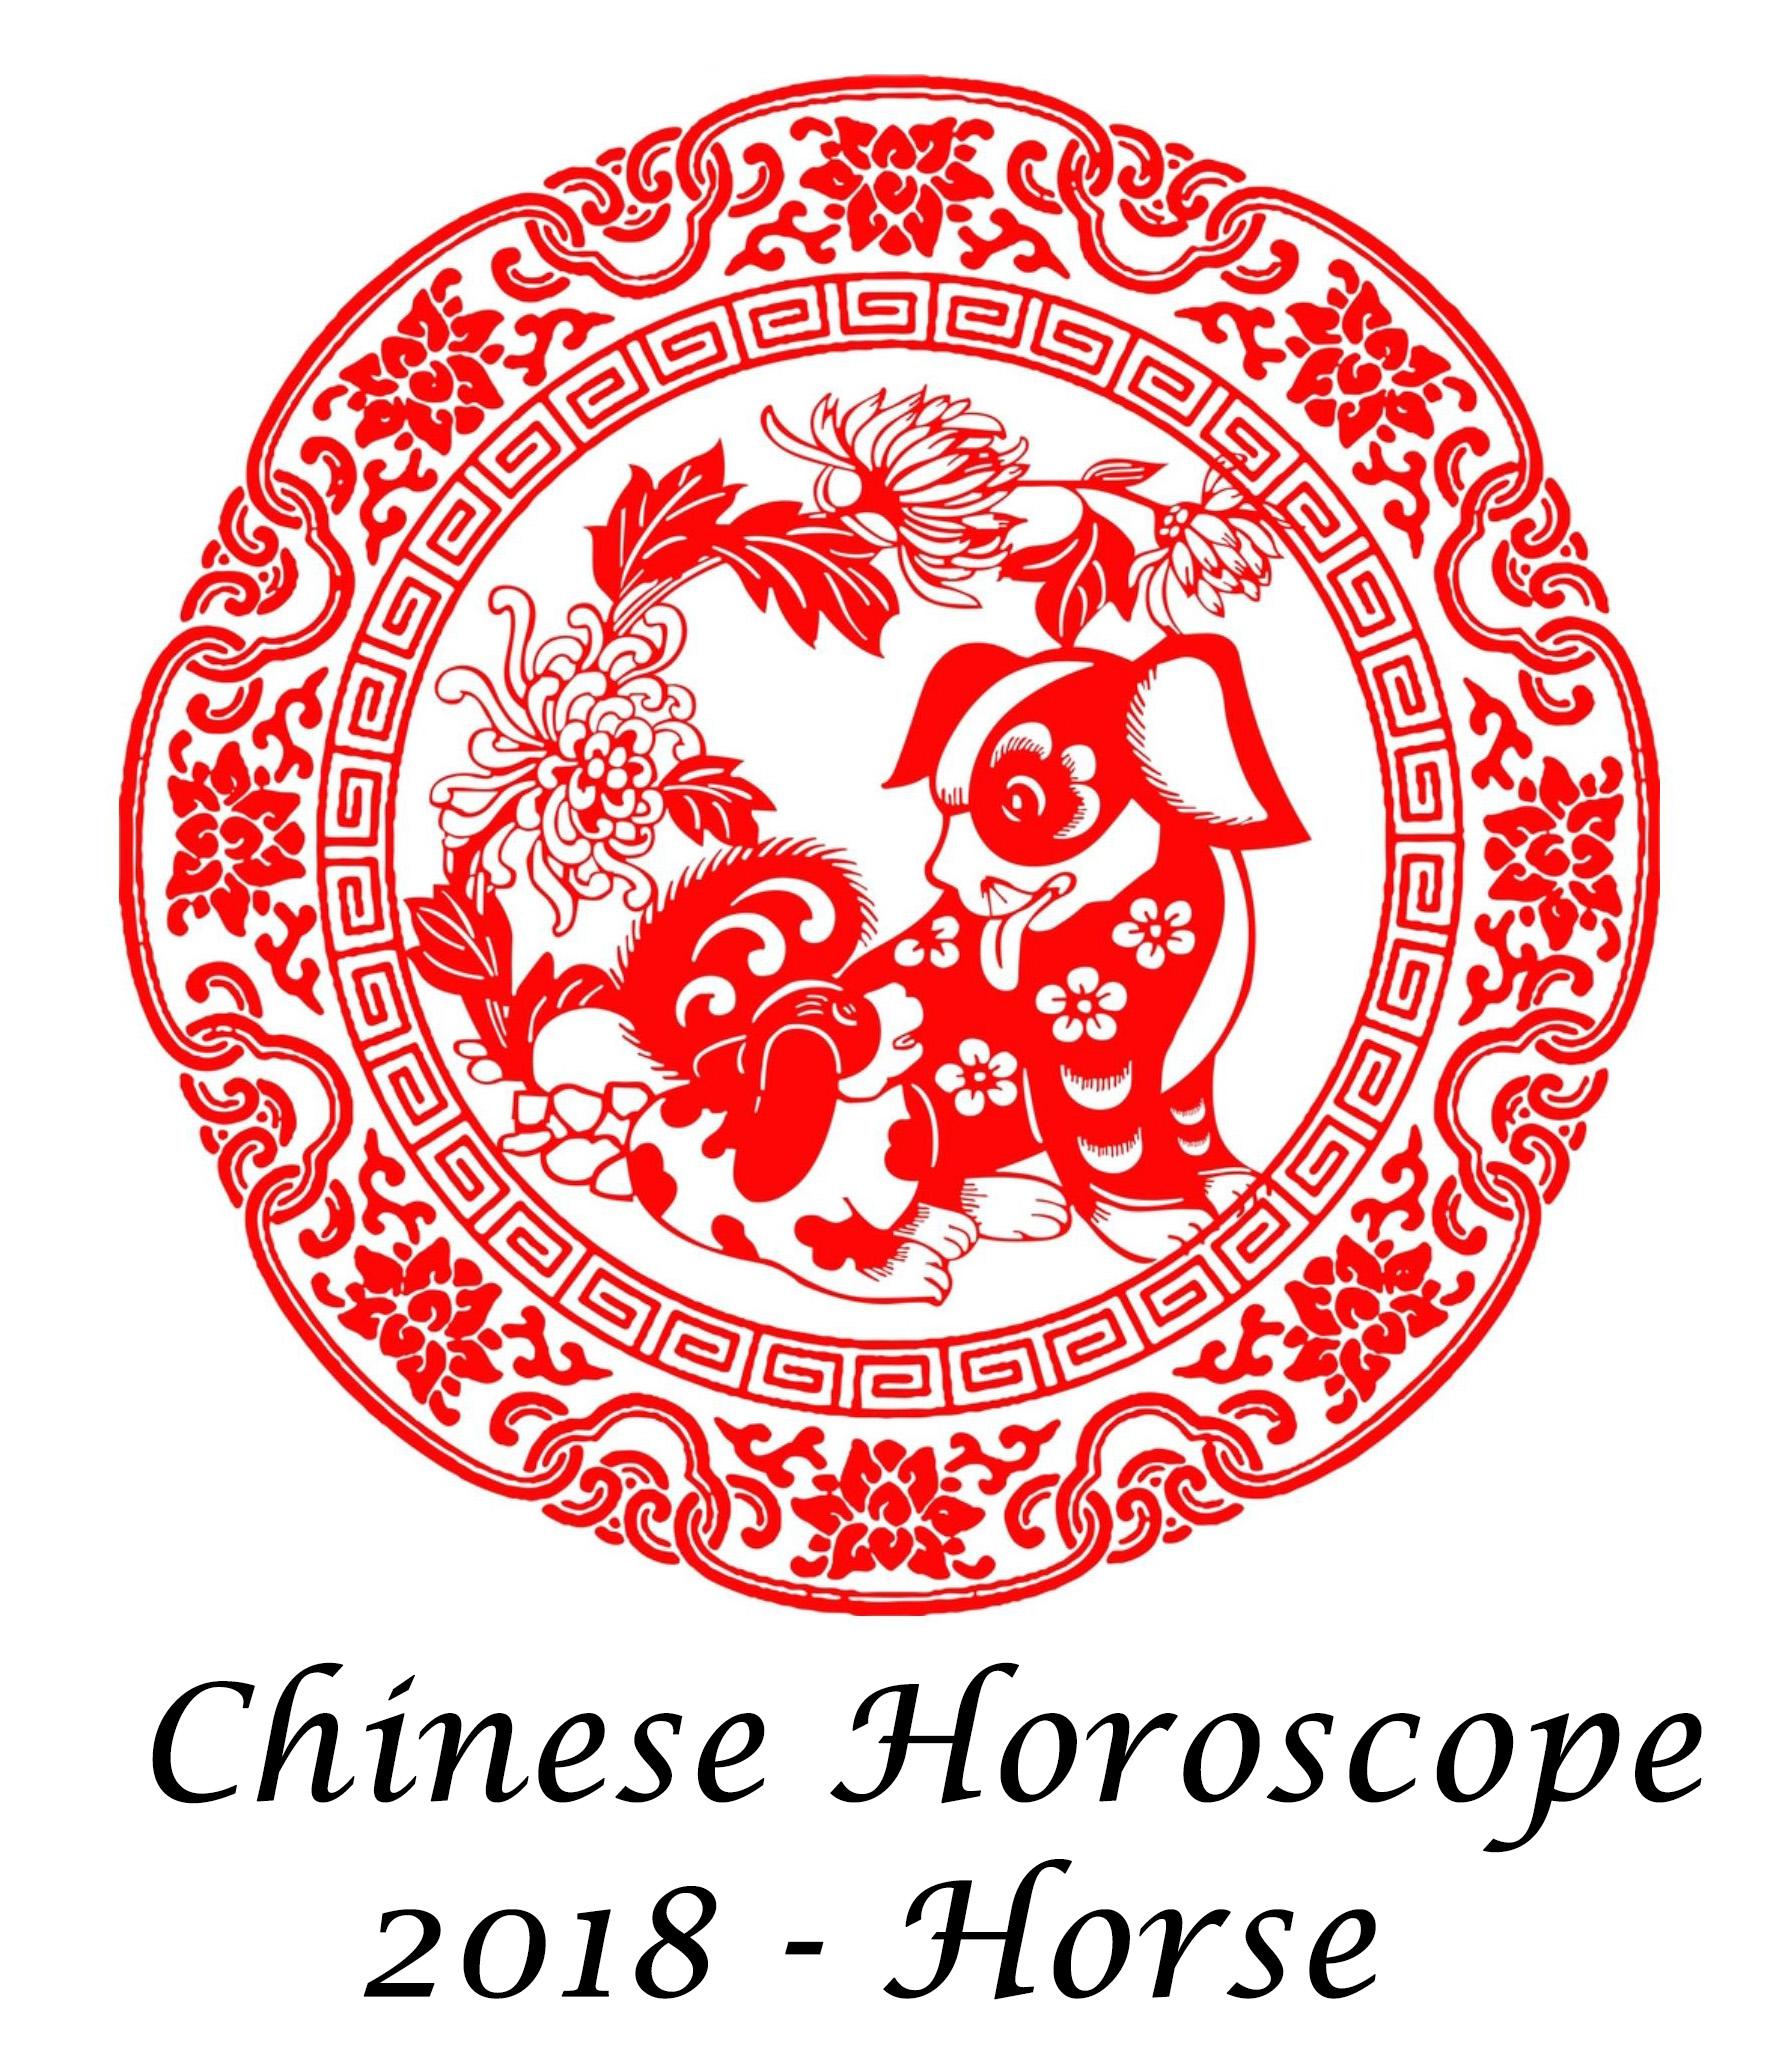 Chinese Horoscope Horse 2018